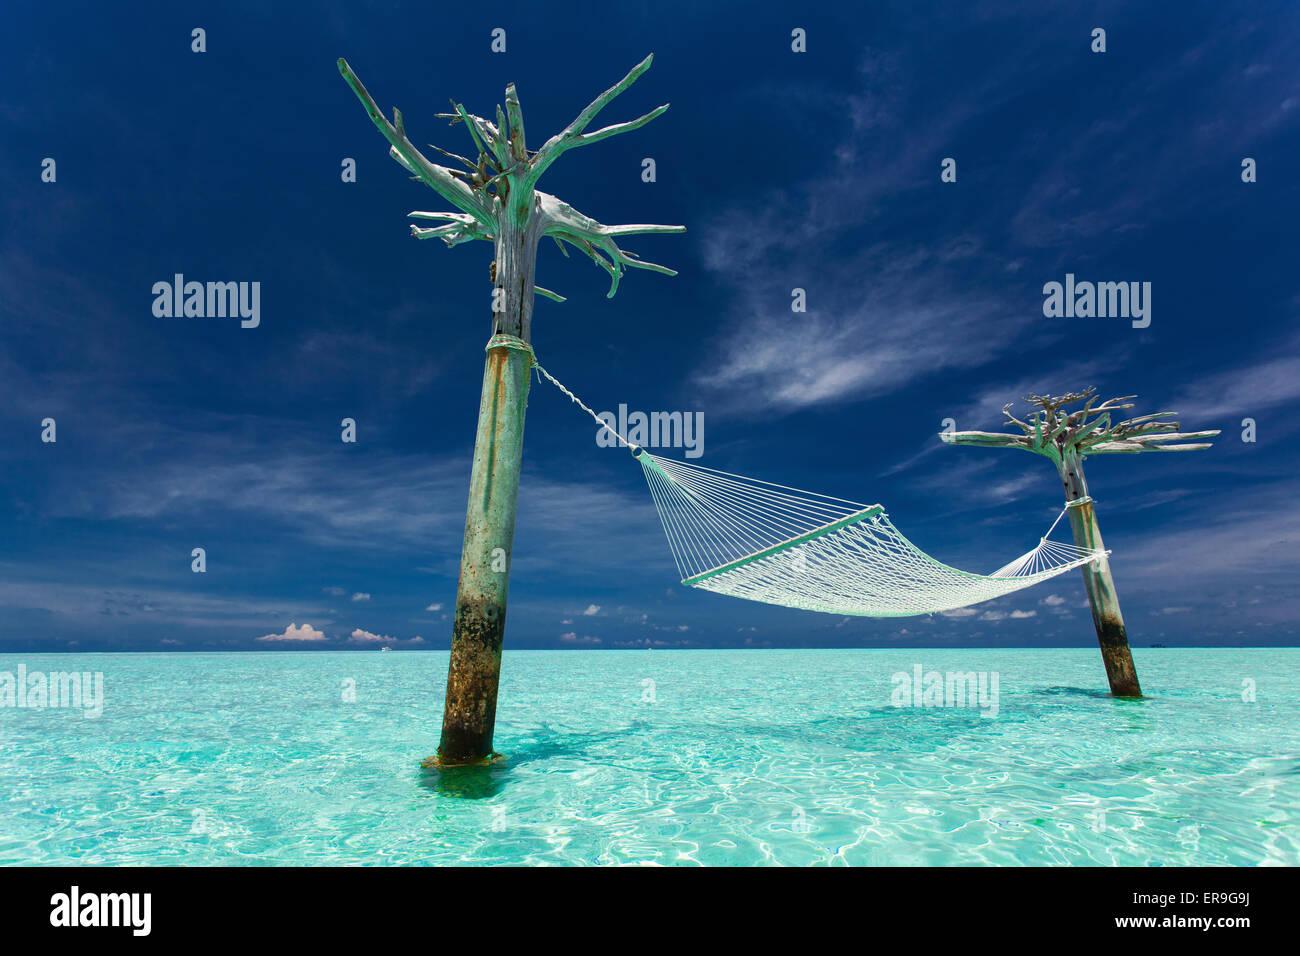 Vacía hamaca sobre el agua en el centro de laguna tropical en Maldivas Imagen De Stock